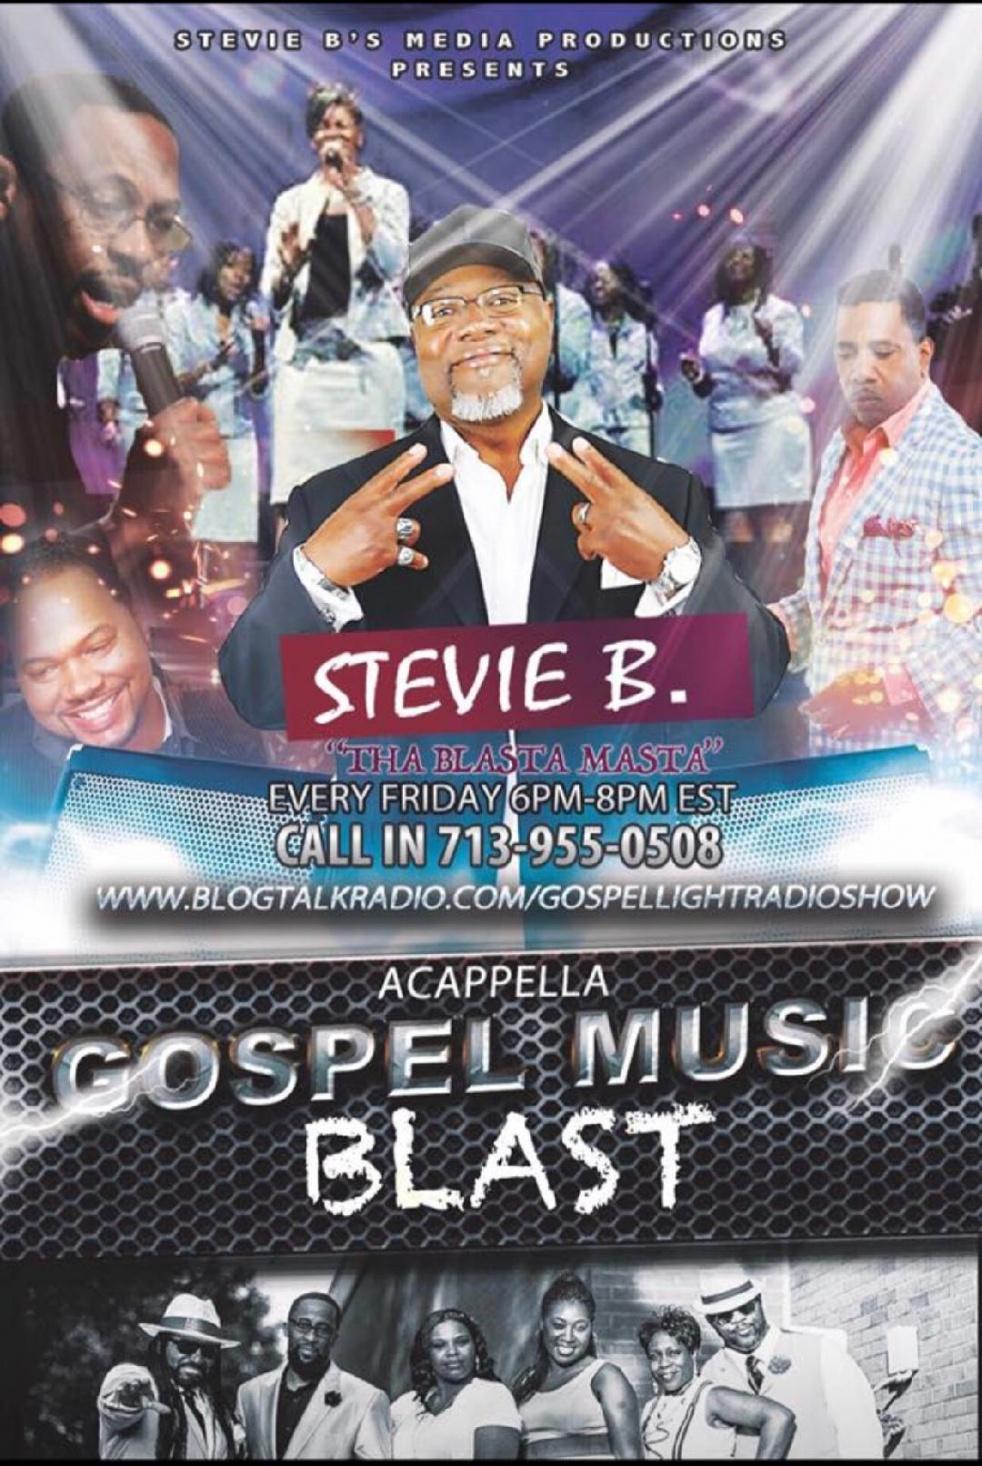 Stevie B's Media Productions - imagen de portada